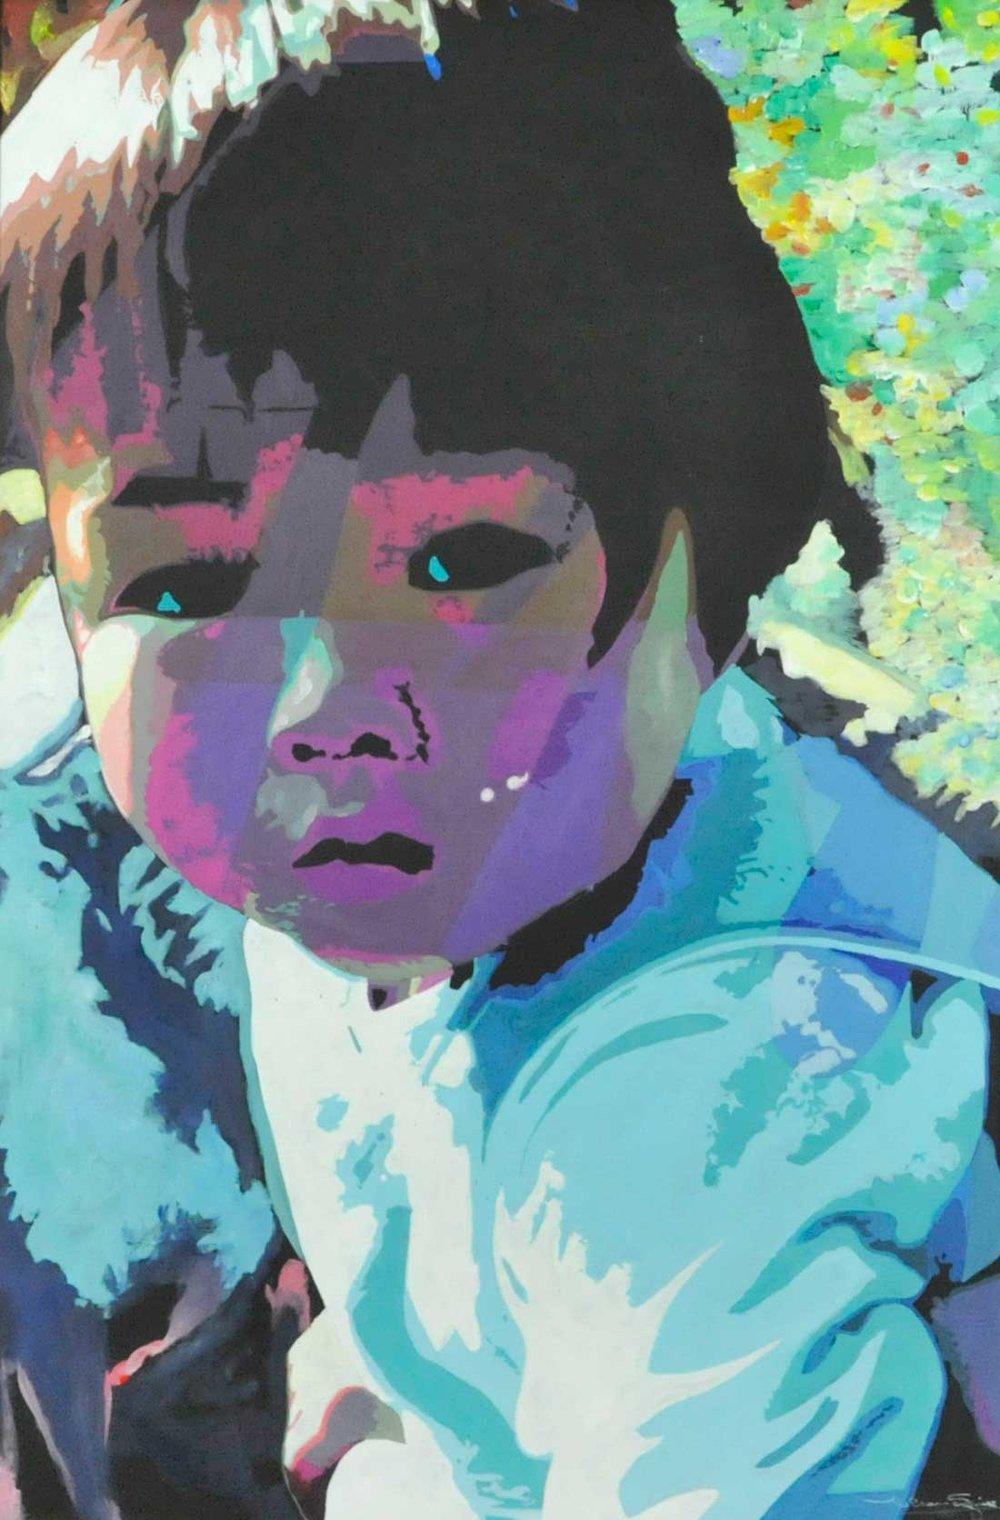 74_China-Boy_1996_Acrylic_Youthful_jtgjbi.jpg